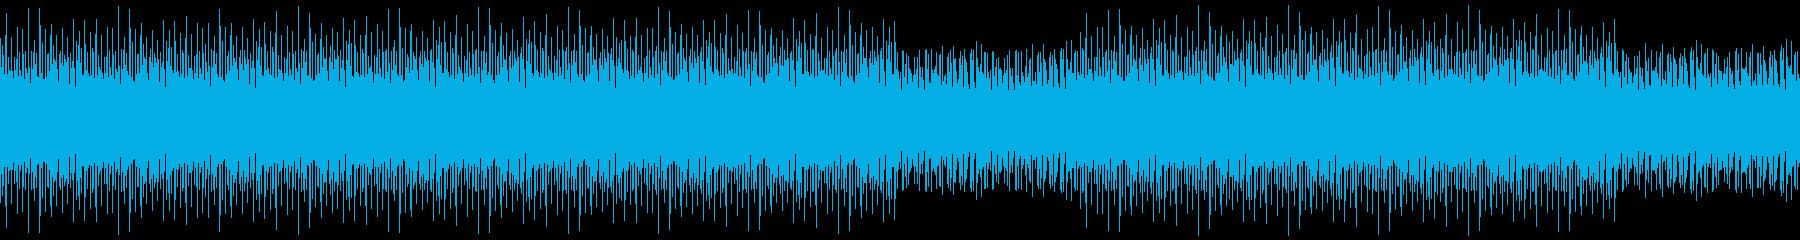 おしゃれ・ハウス・ゲーム・WEB・アプリの再生済みの波形